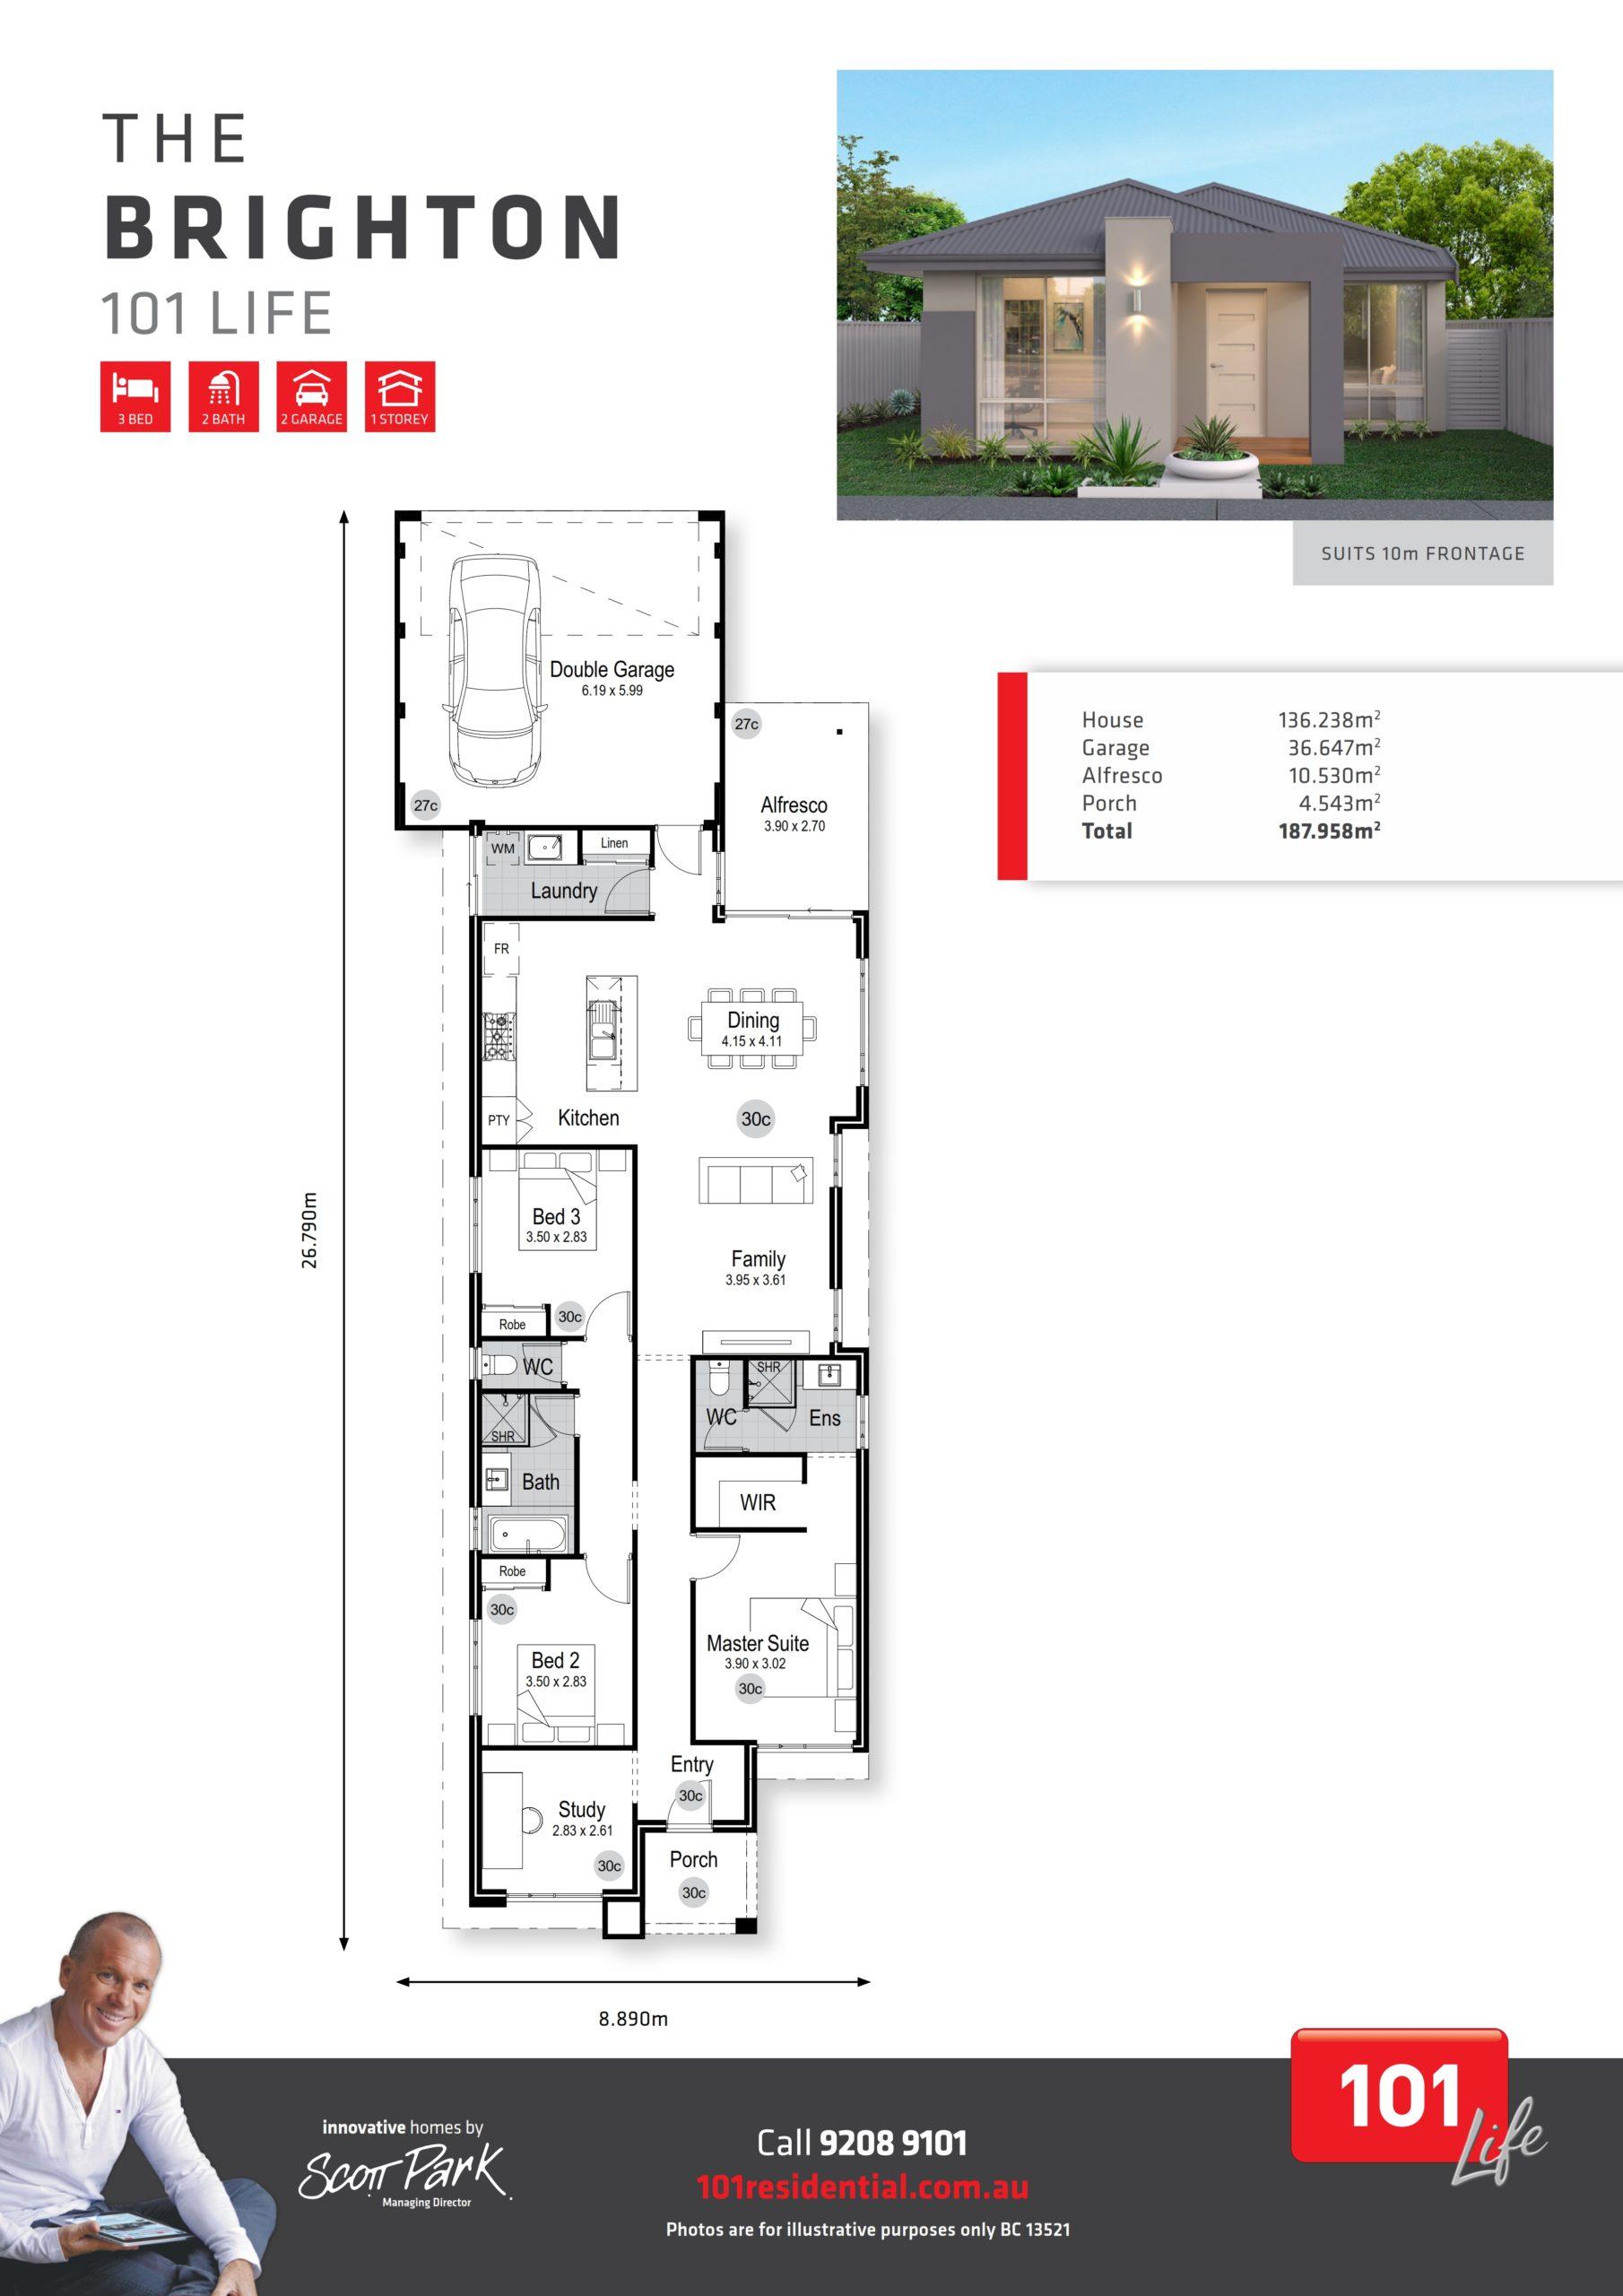 101 Life A3 Floor Plan - Brighton WEB_001